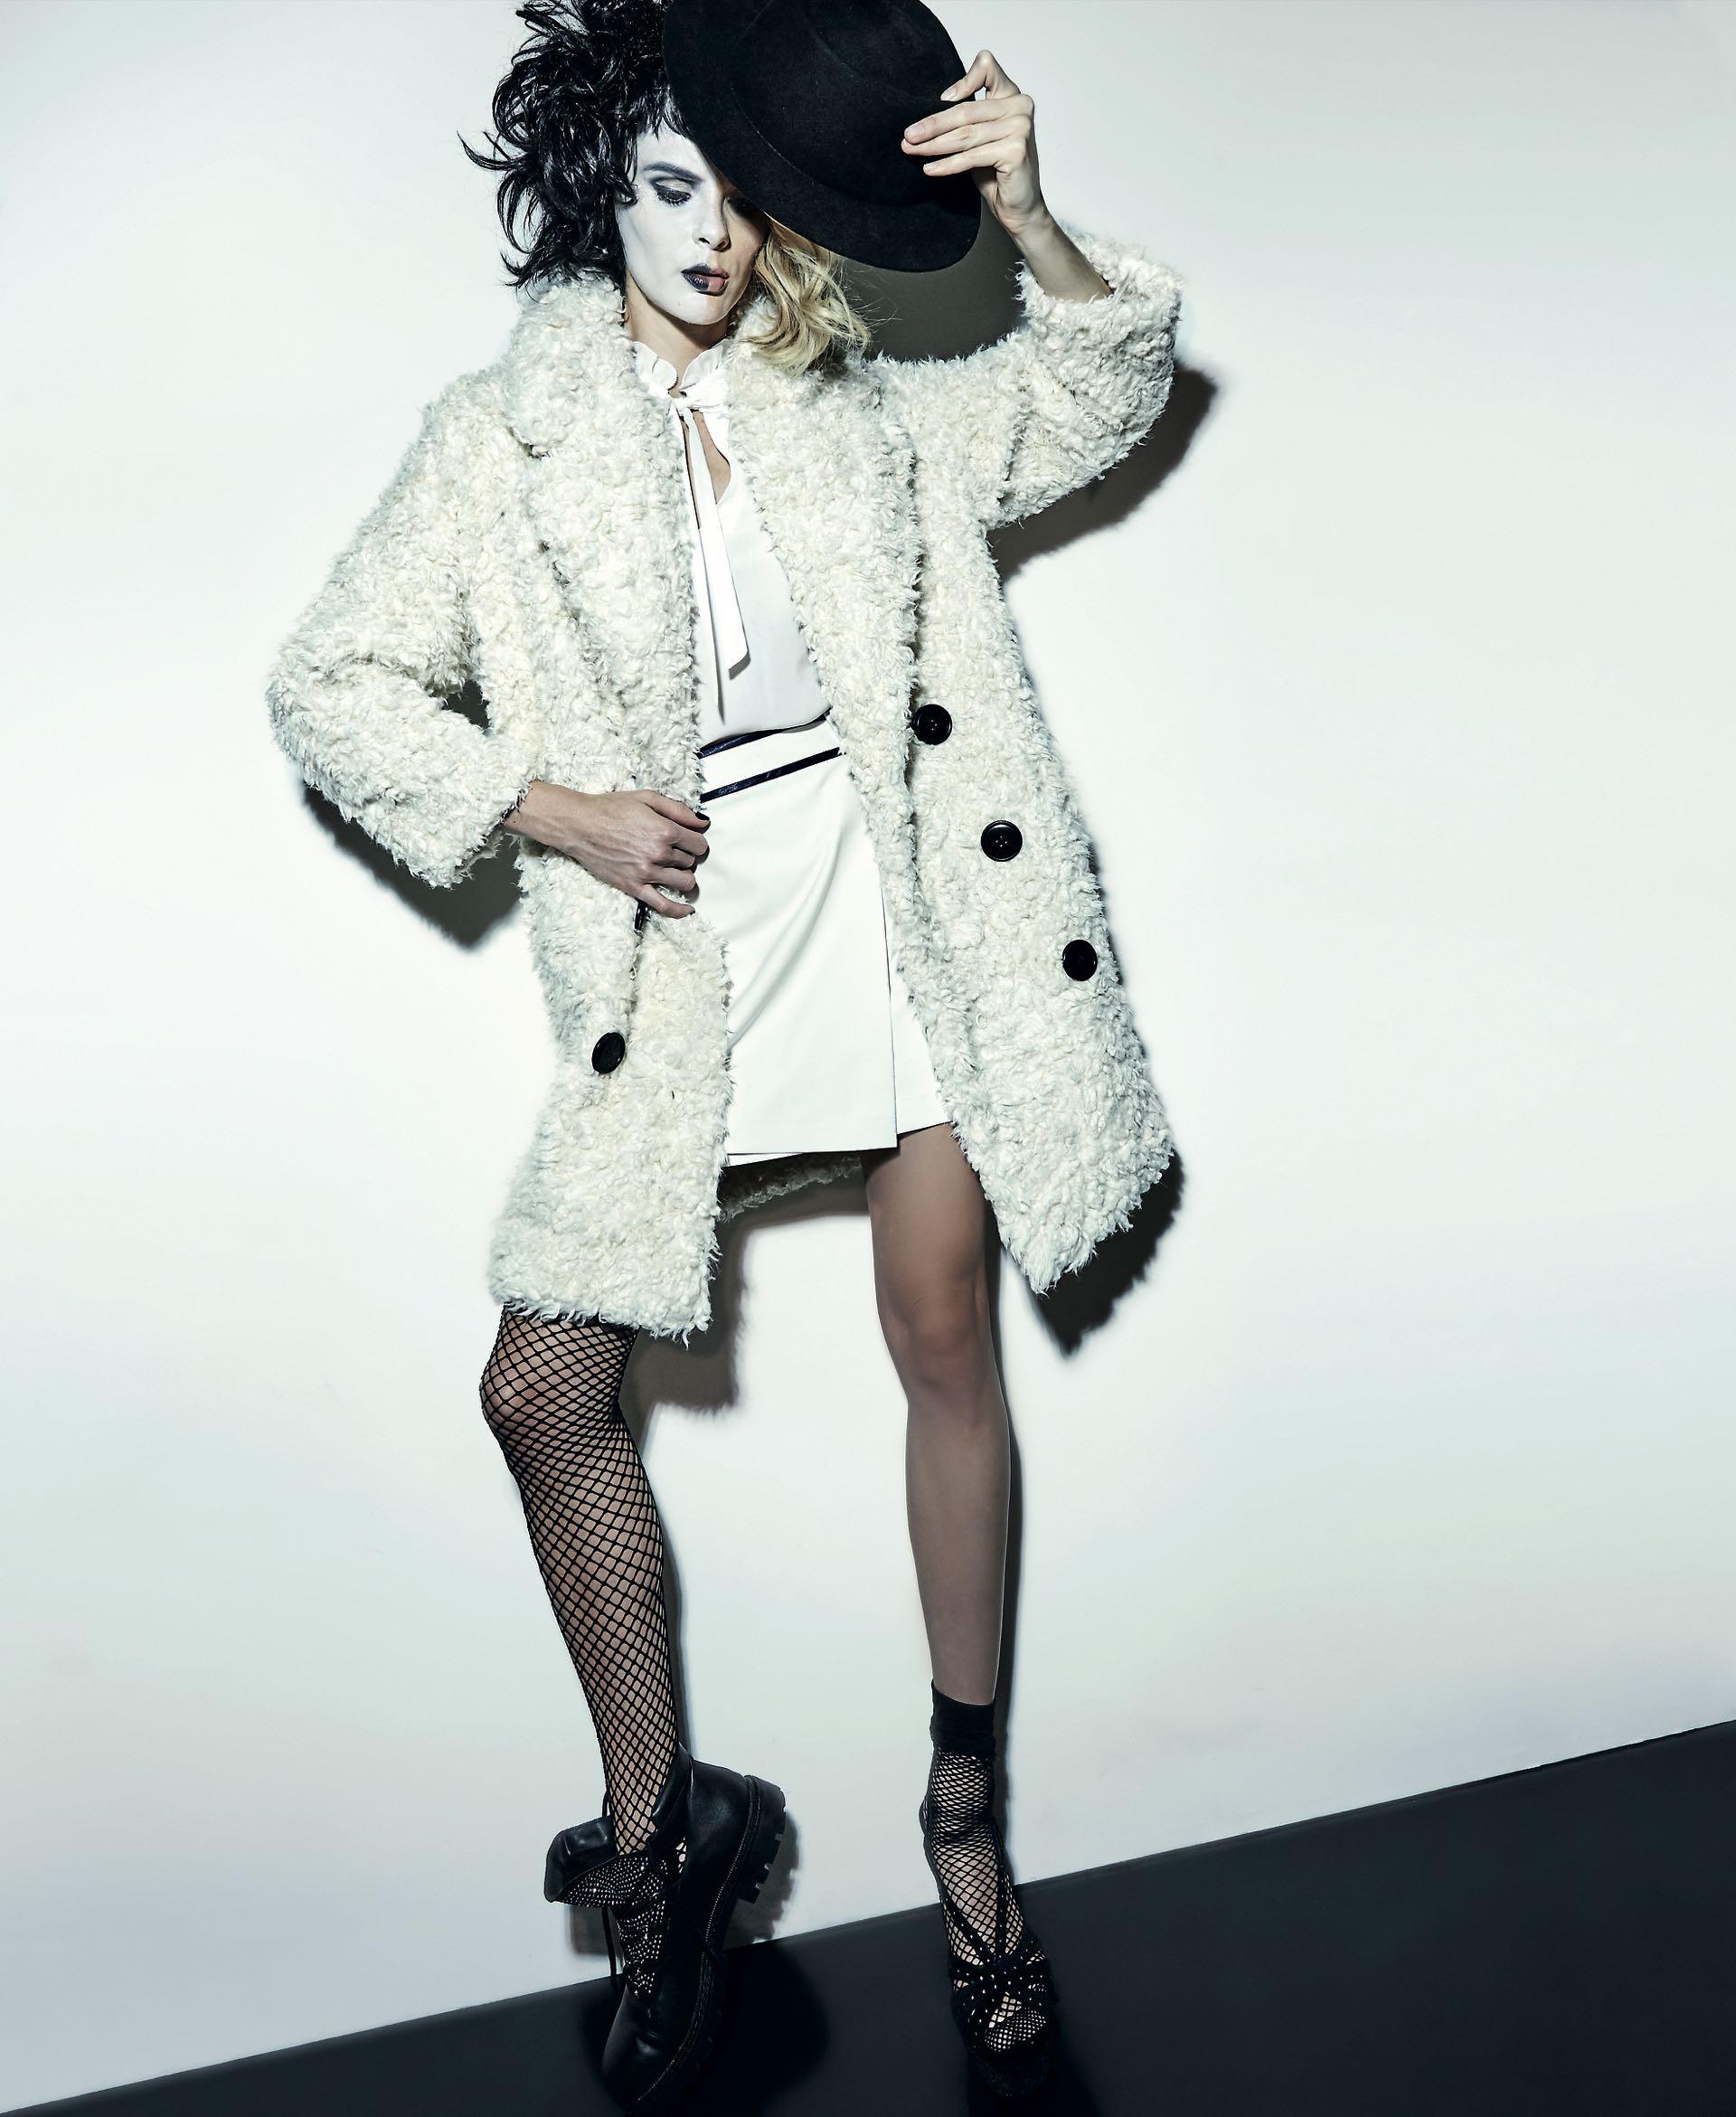 Tapado de lana (Cher), camisa de gasa con lazo (Carmela Achaval), mini con cinturón ($ 3.572, Tommy Hilfiger), medias de red (Mora), borceguí de cuero con brillos ($ 2.160, Fragola), sandalia de gamuza con brillos ($ 2.280, Belsoulye) y sombrero de fieltro de lana ($ 2.160, Made in Chola).